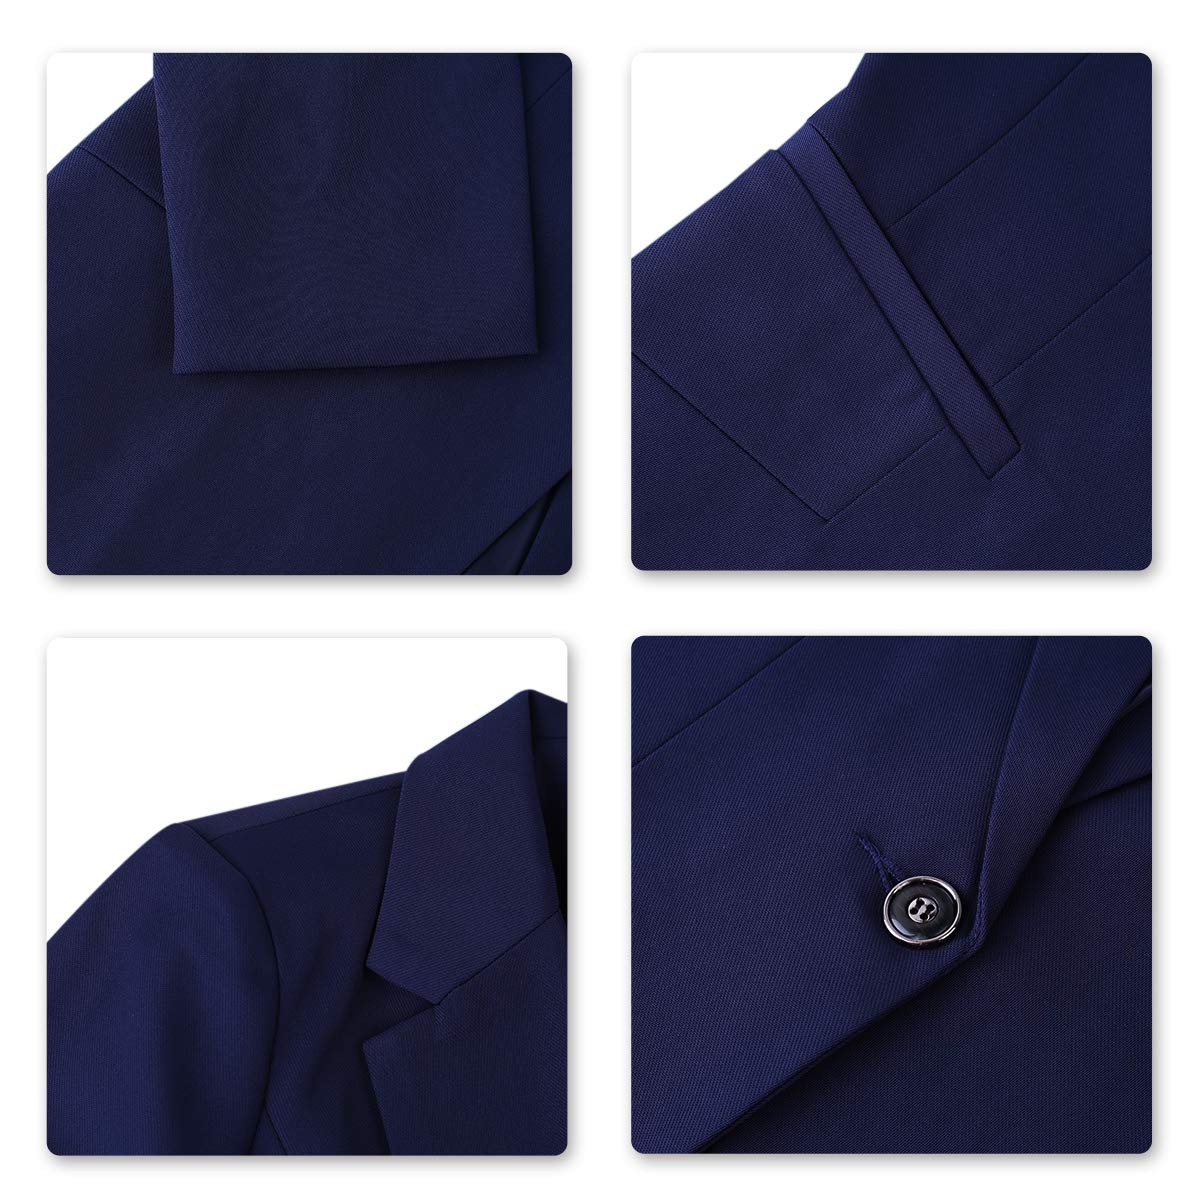 Womens 2 Piece Office Lady Business Suit Set Slim Fit Blazer Pant